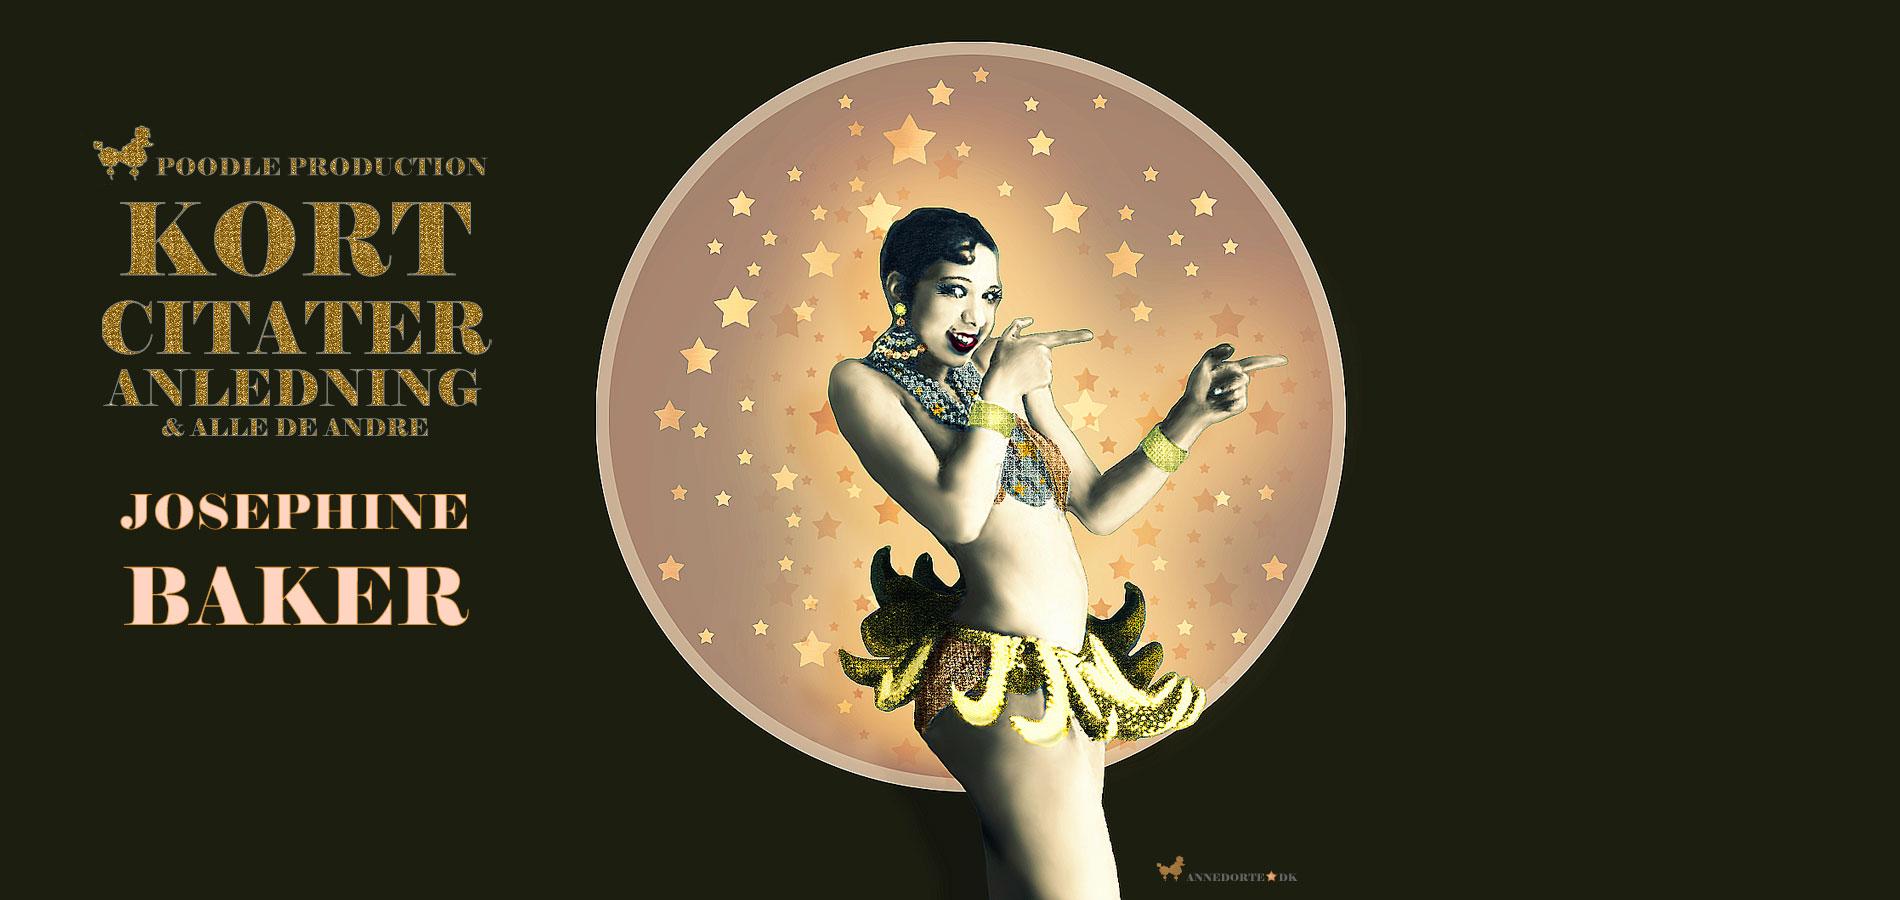 Plakat & Anledningskort Josephine Baker i Bananskørt